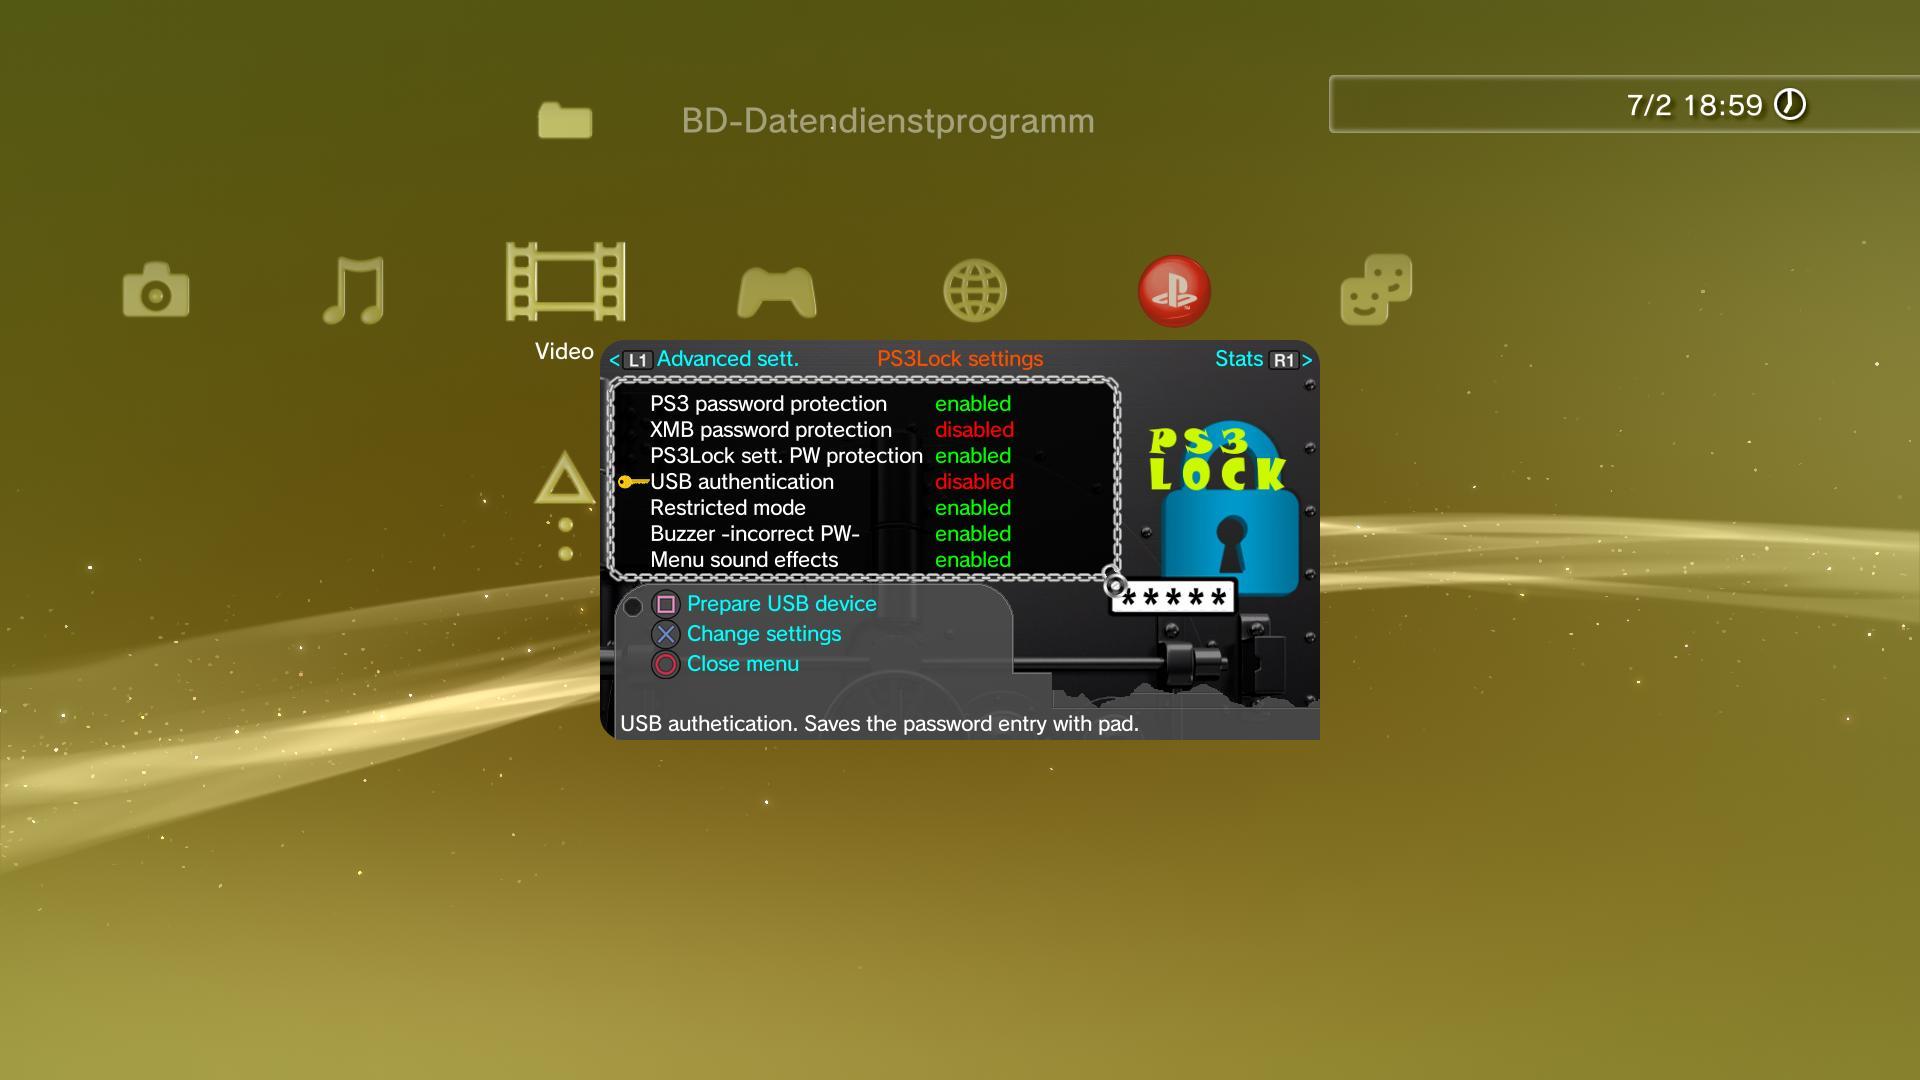 Ps3lock setting.jpg